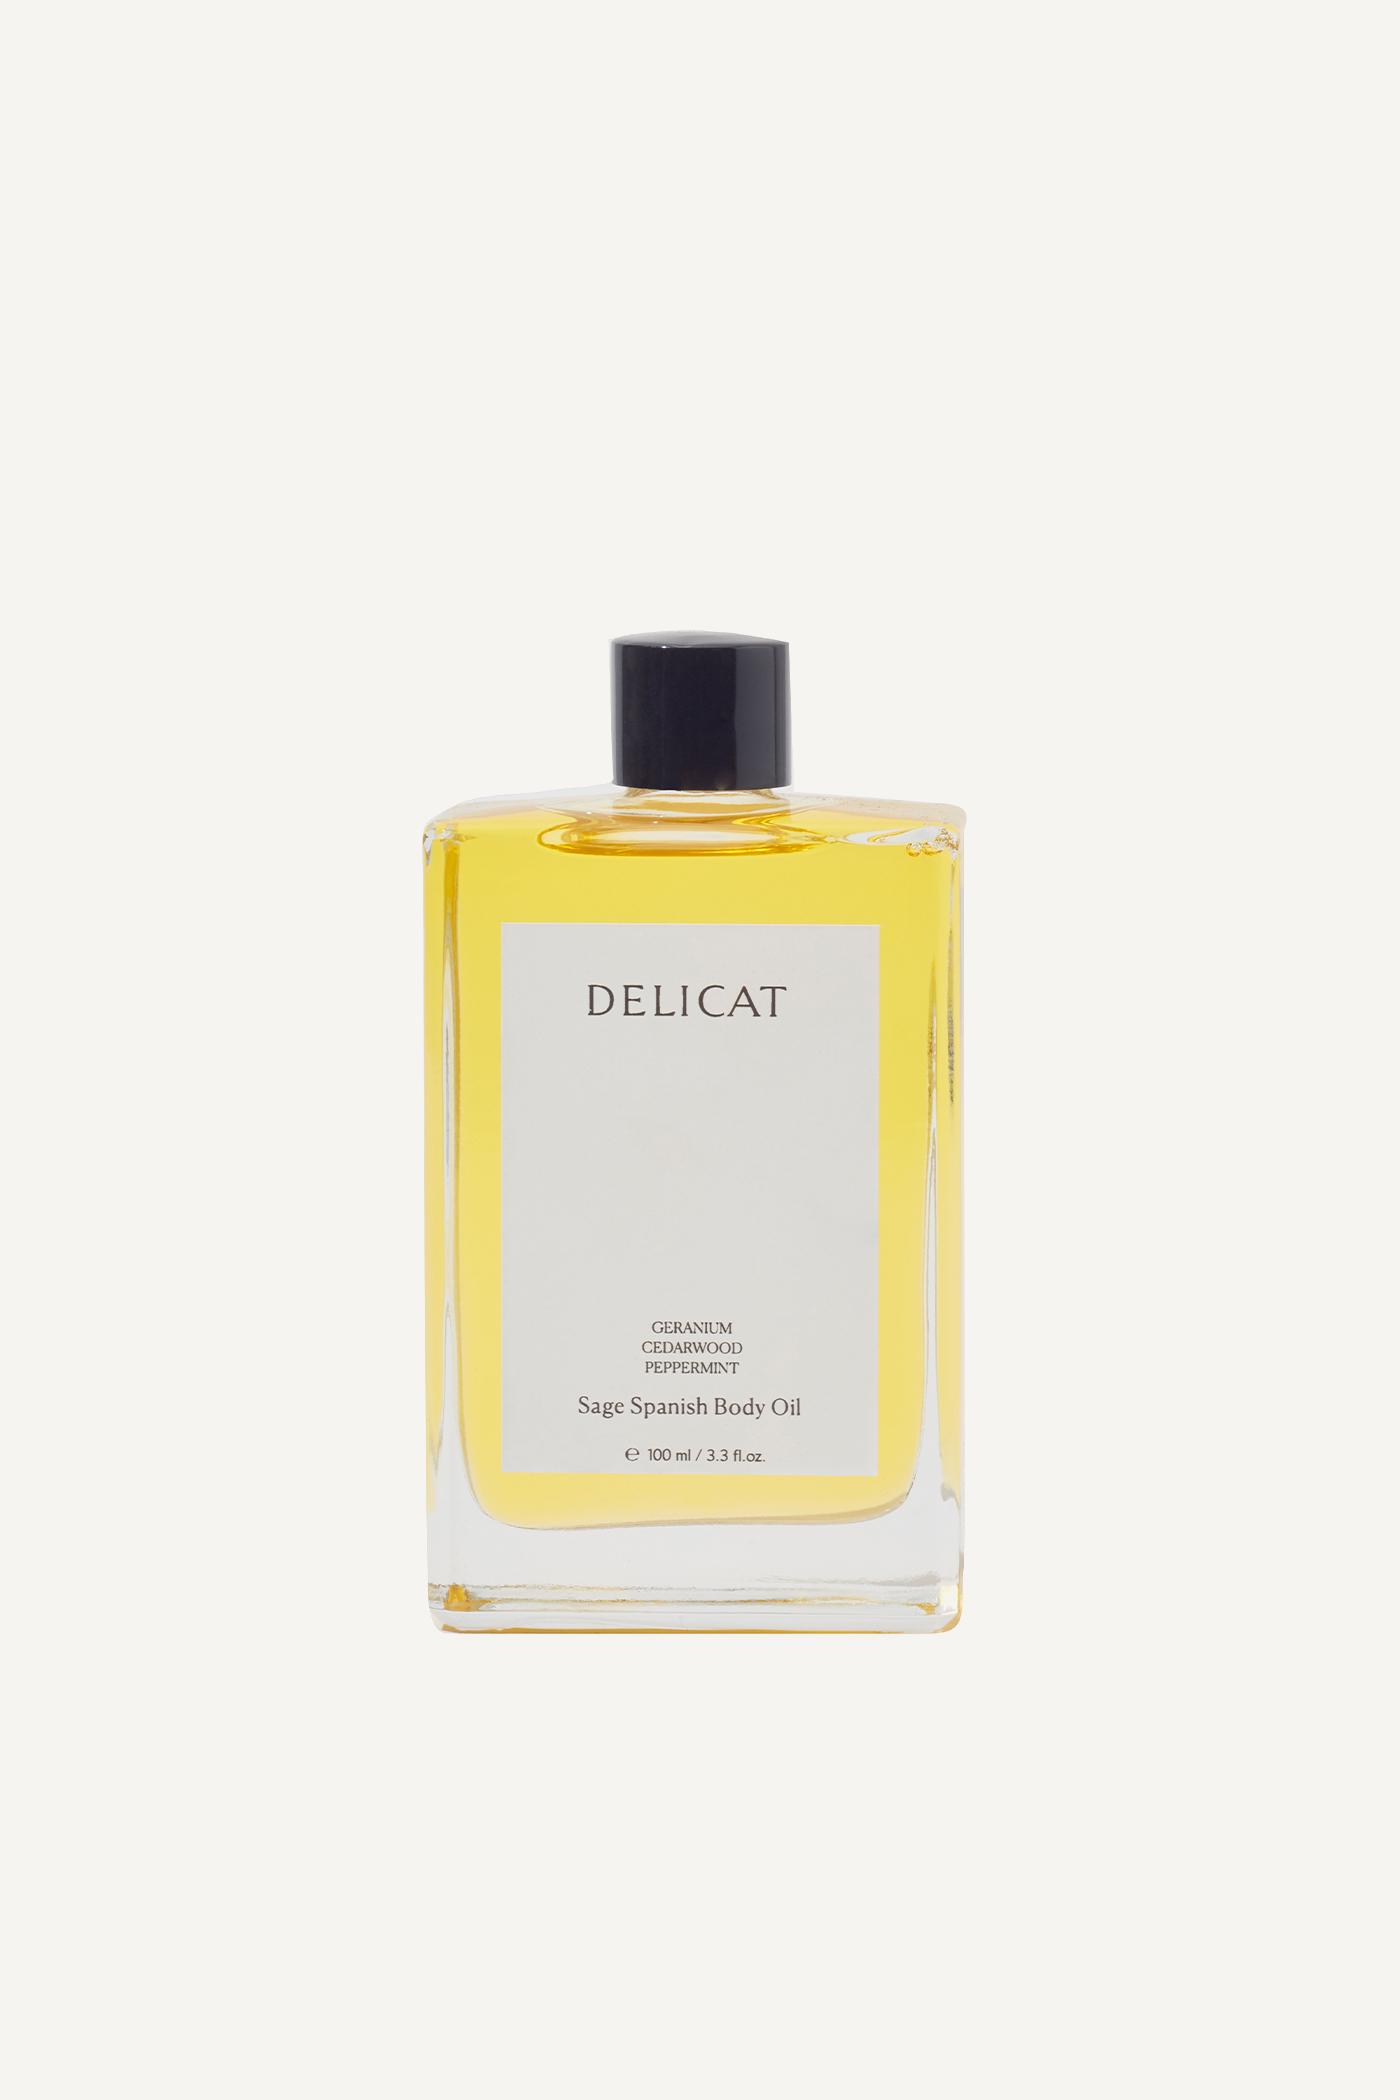 Delicat Sage Spanish Body Oil